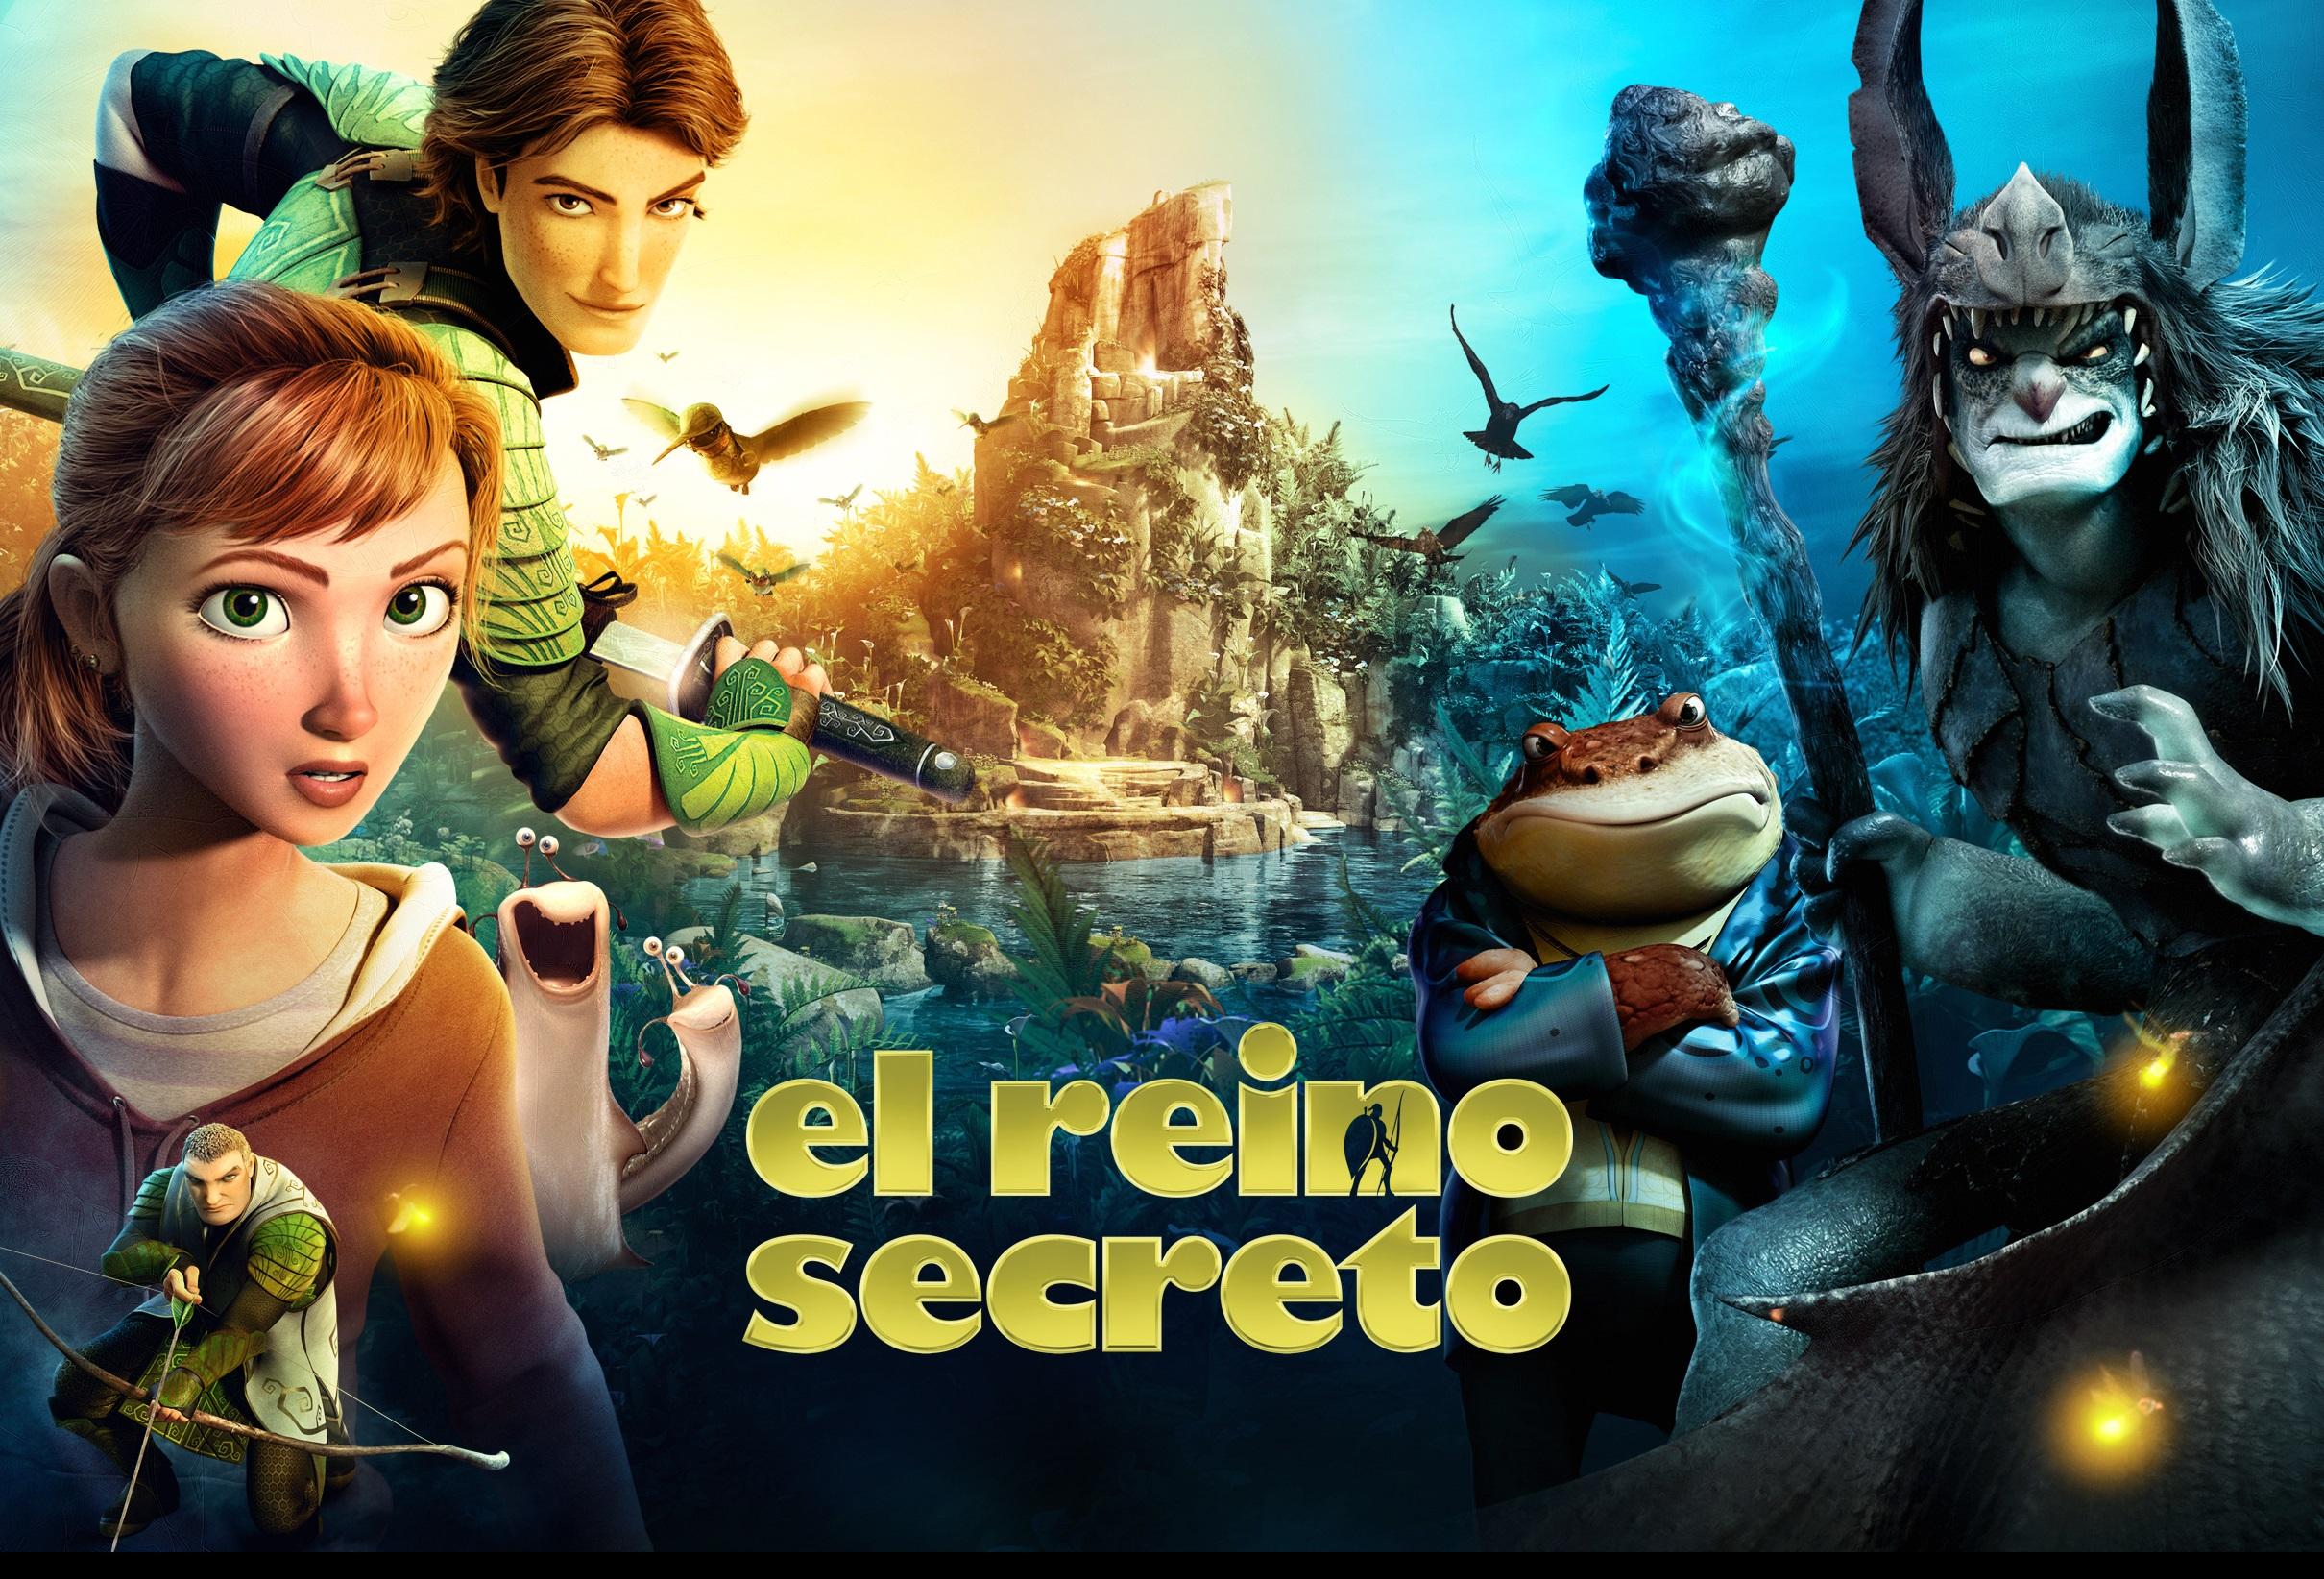 El juego oficial de la película El Reino Secreto cobra vida en smartphones y tabletas